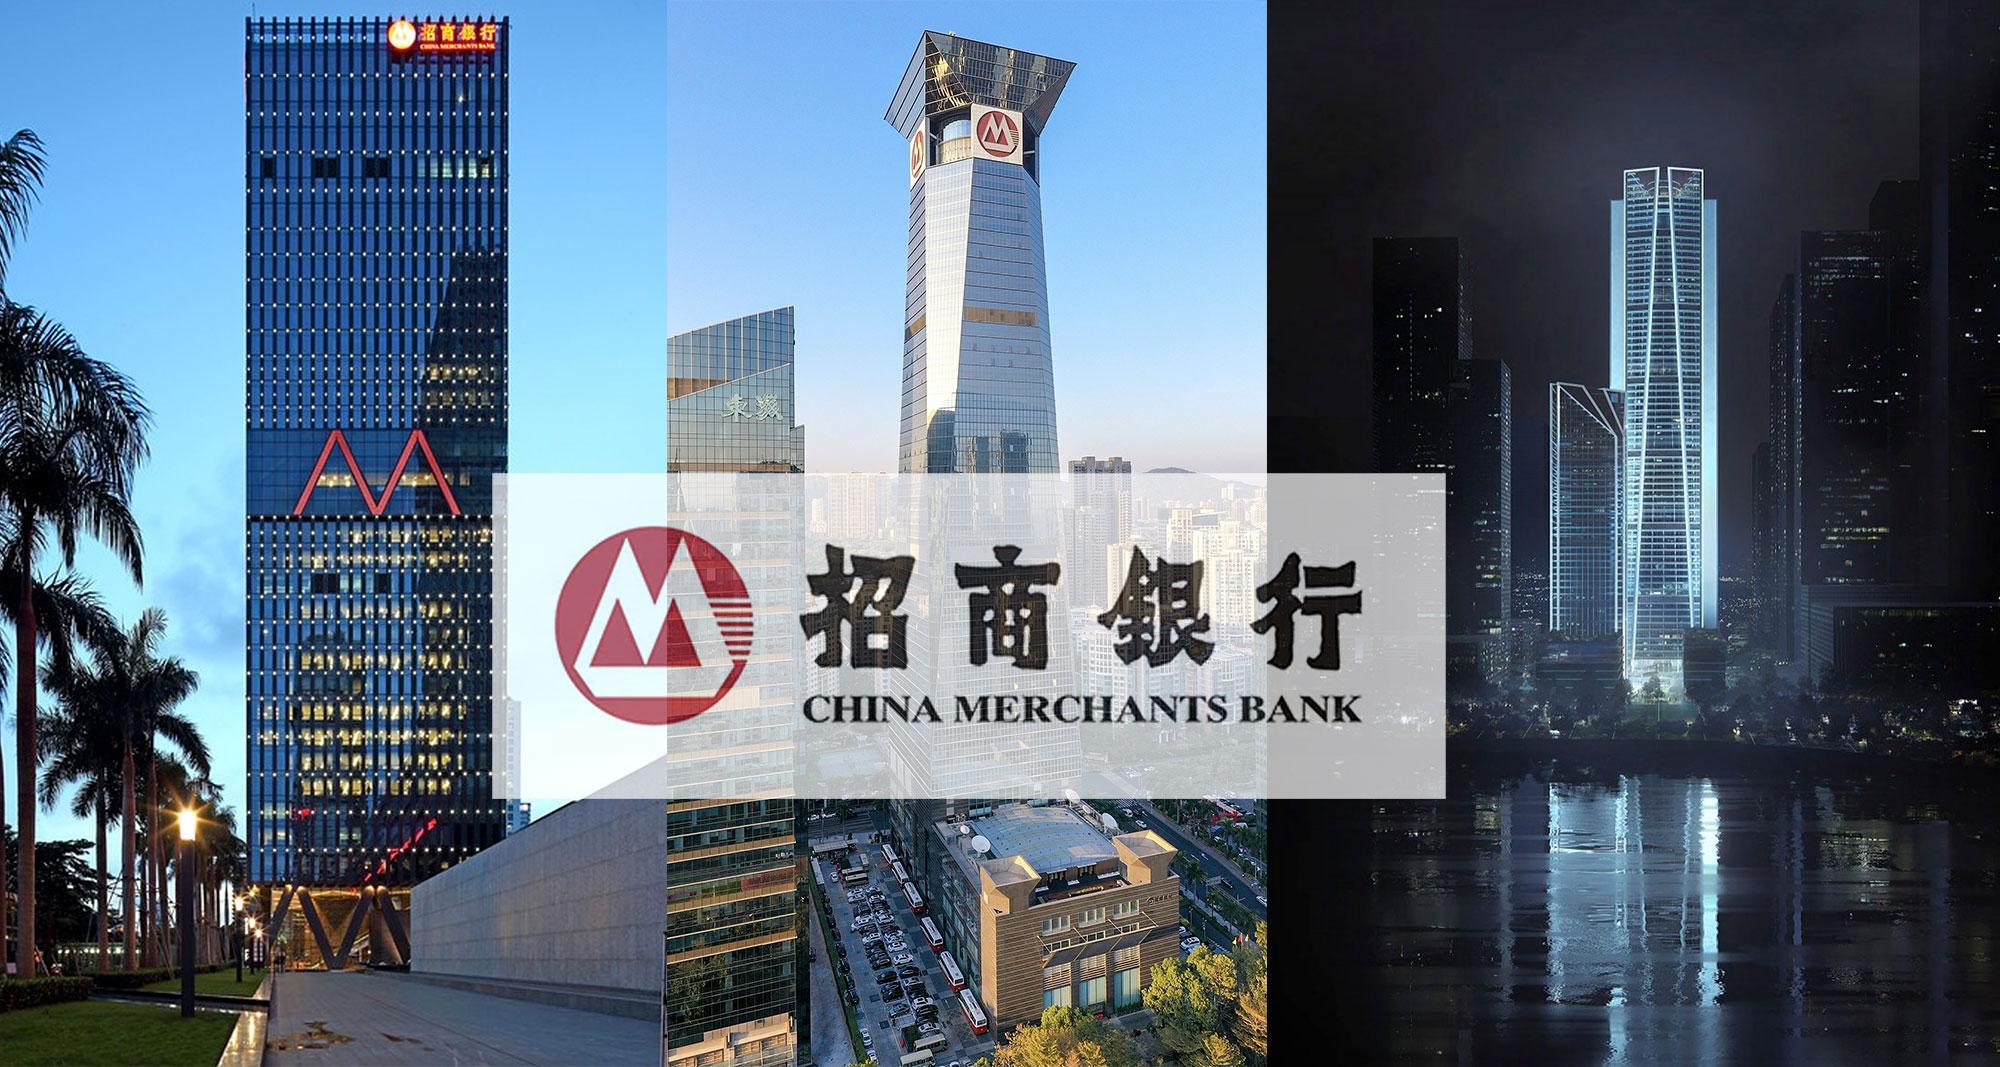 以我實際在國內銀行的投資經驗說明及比較招商銀行與其他大型國有銀行包括: 工商銀行、建設銀行、農業銀行及中國銀行的主要差別。